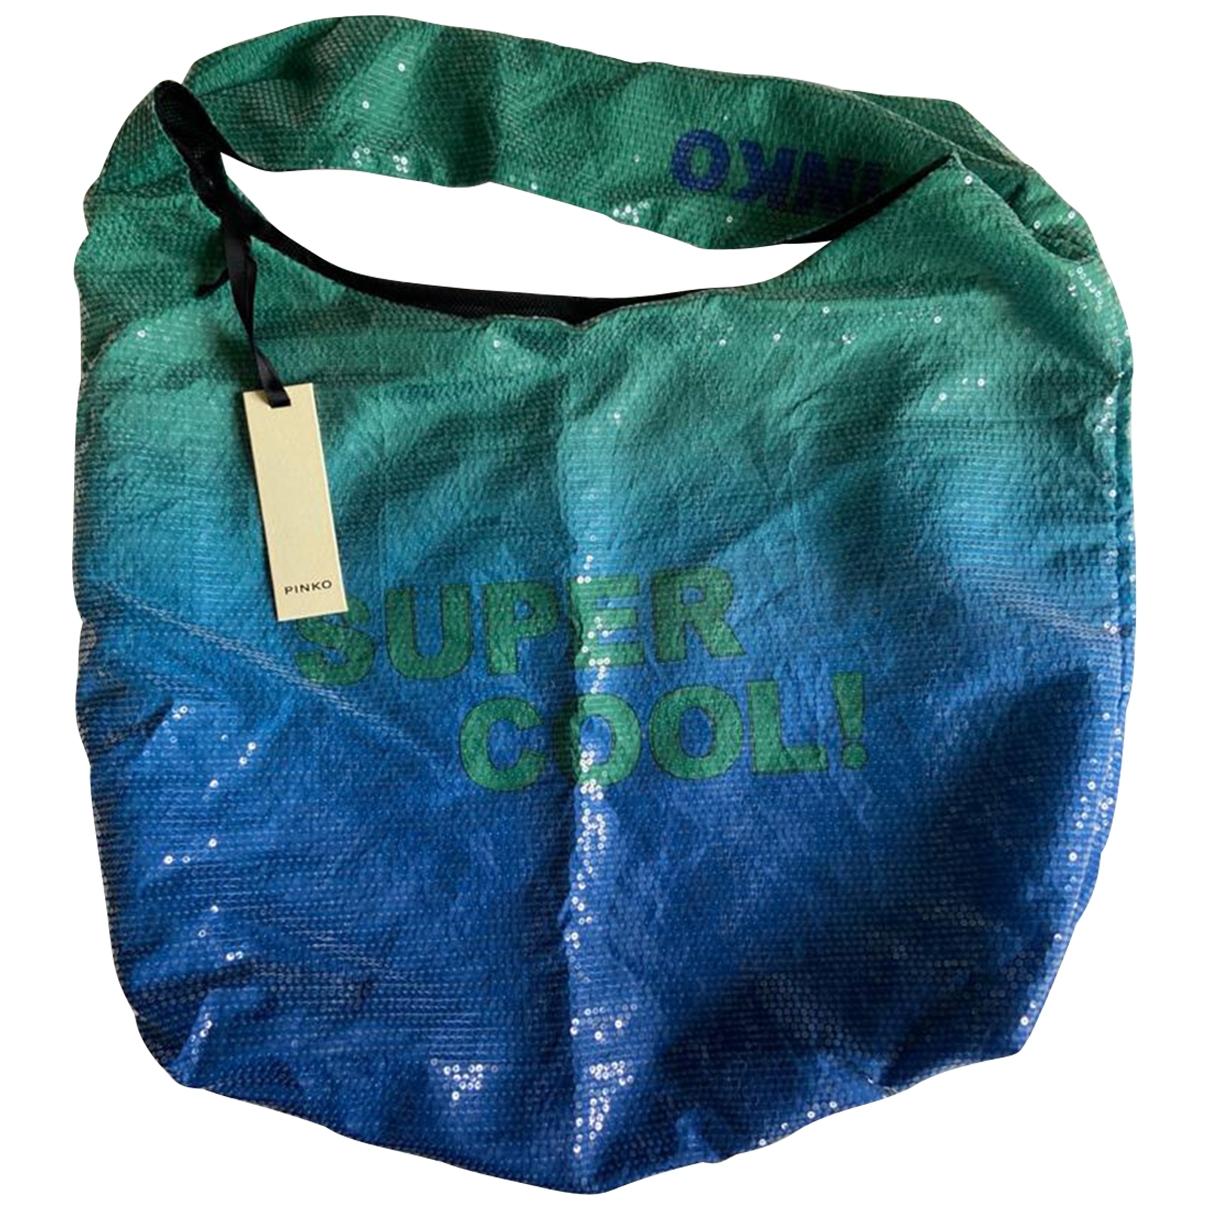 Pinko \N Handtasche in  Blau Mit Pailletten